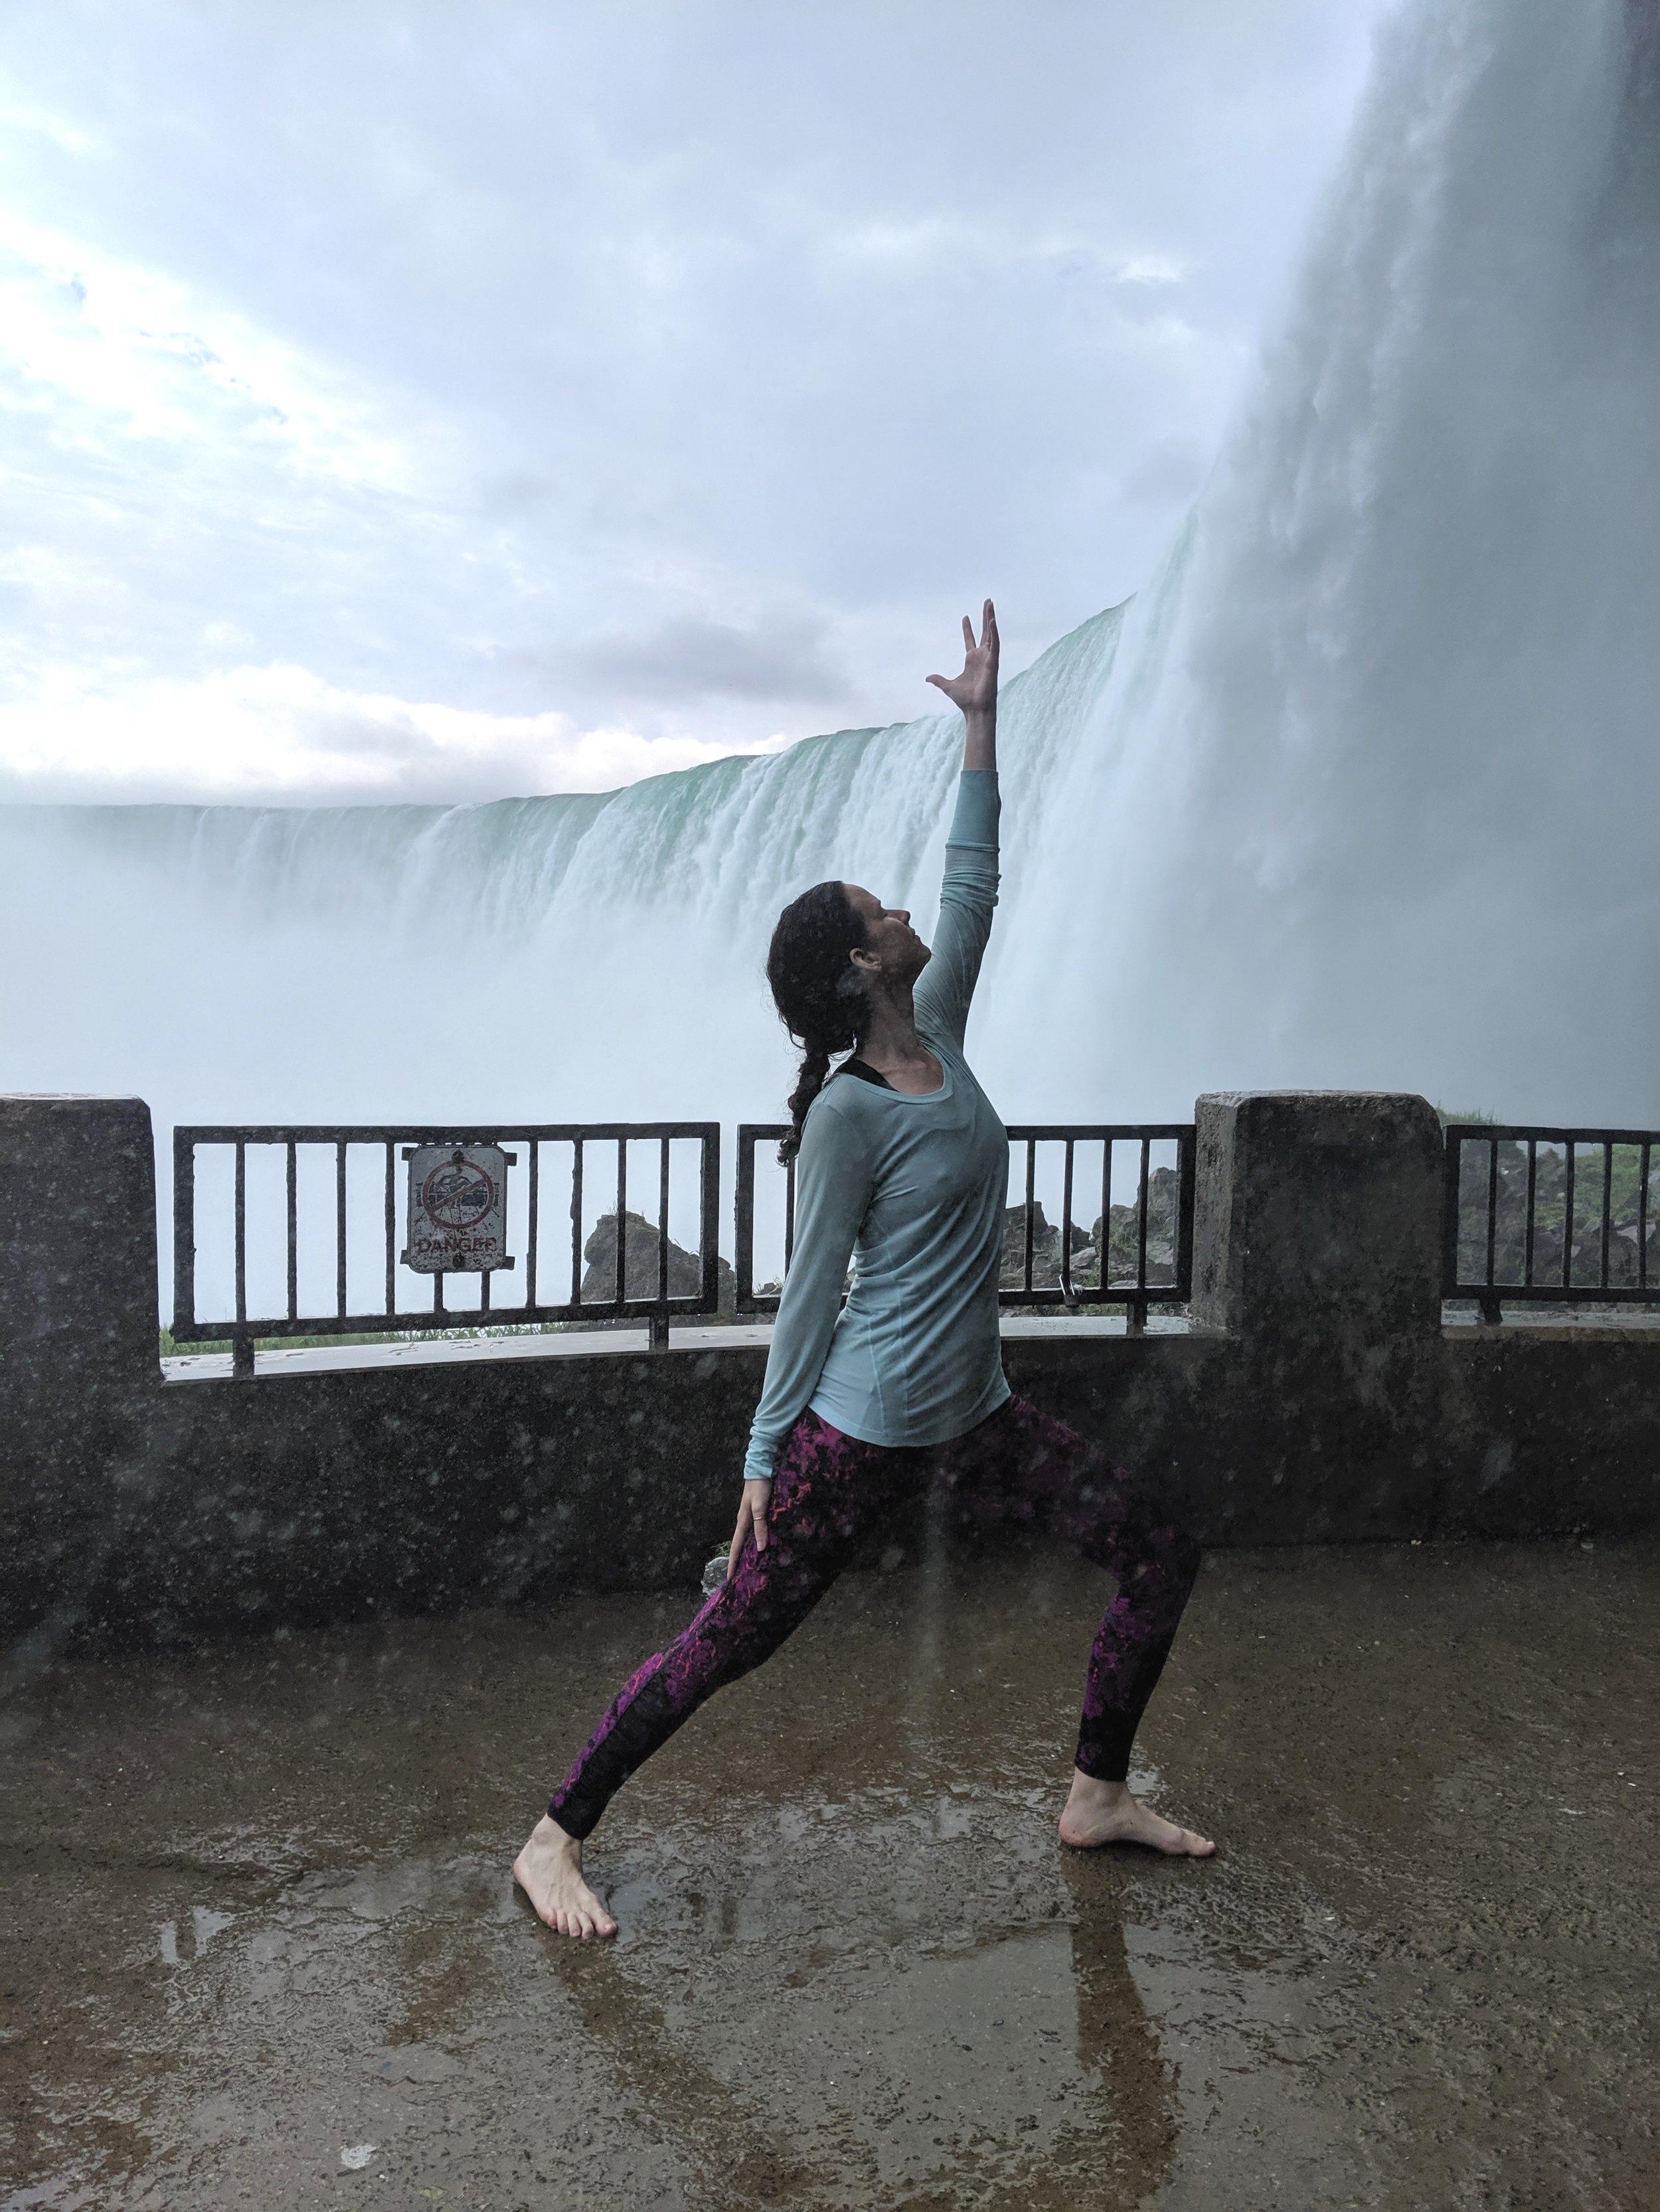 namaste_Niagara_IFF_Nicole_Catenazzi.jpg